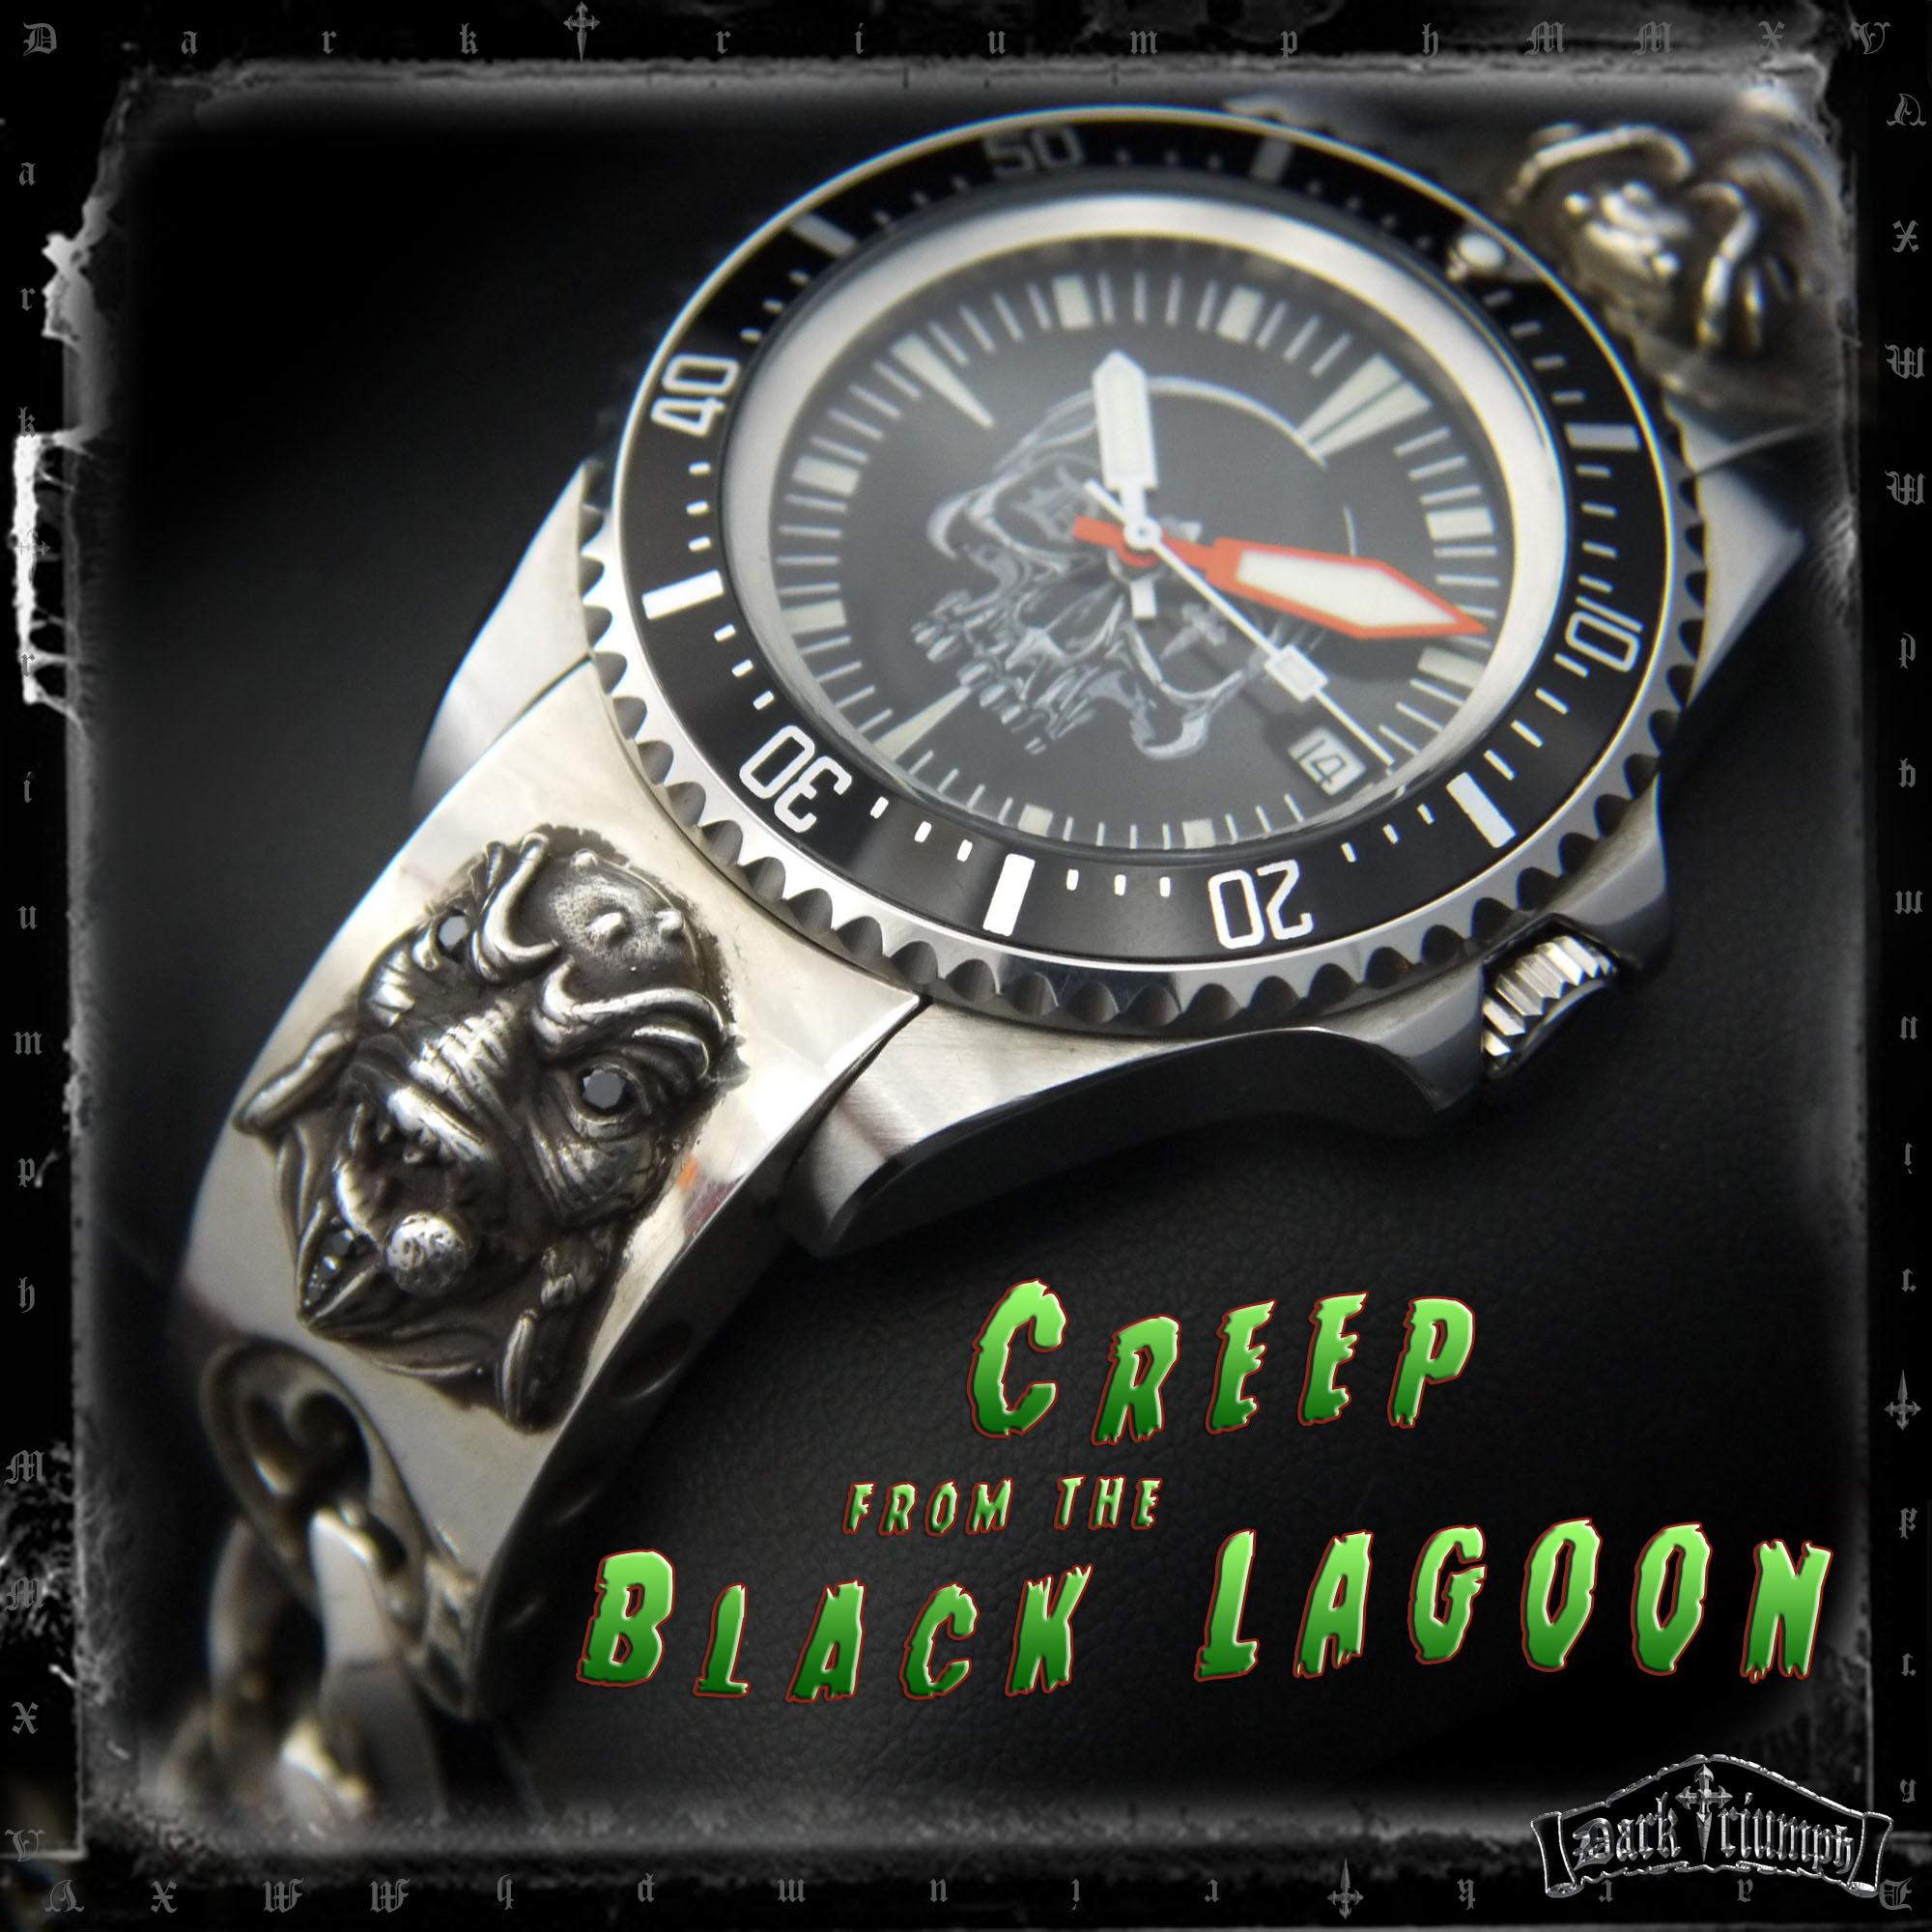 creep-dt-skull-relic-bucherer-poster-text.jpg